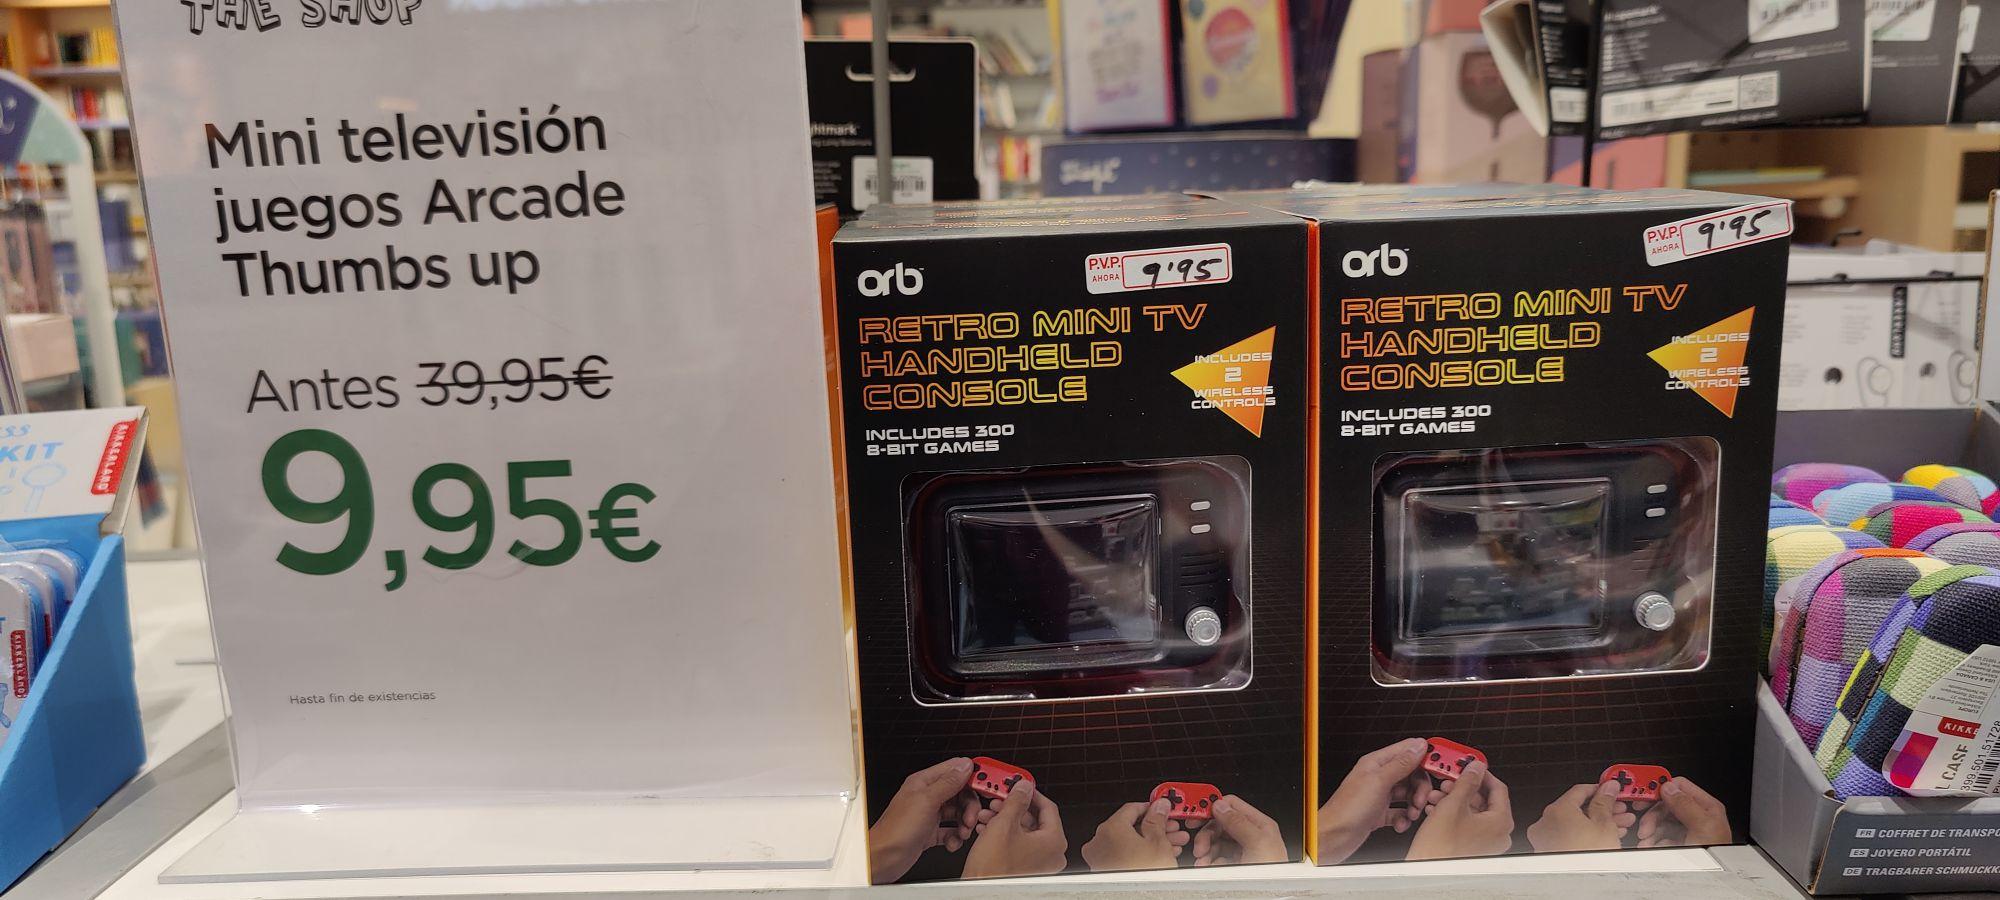 Orb retro mini tv console en el corte inglés de Bilbao